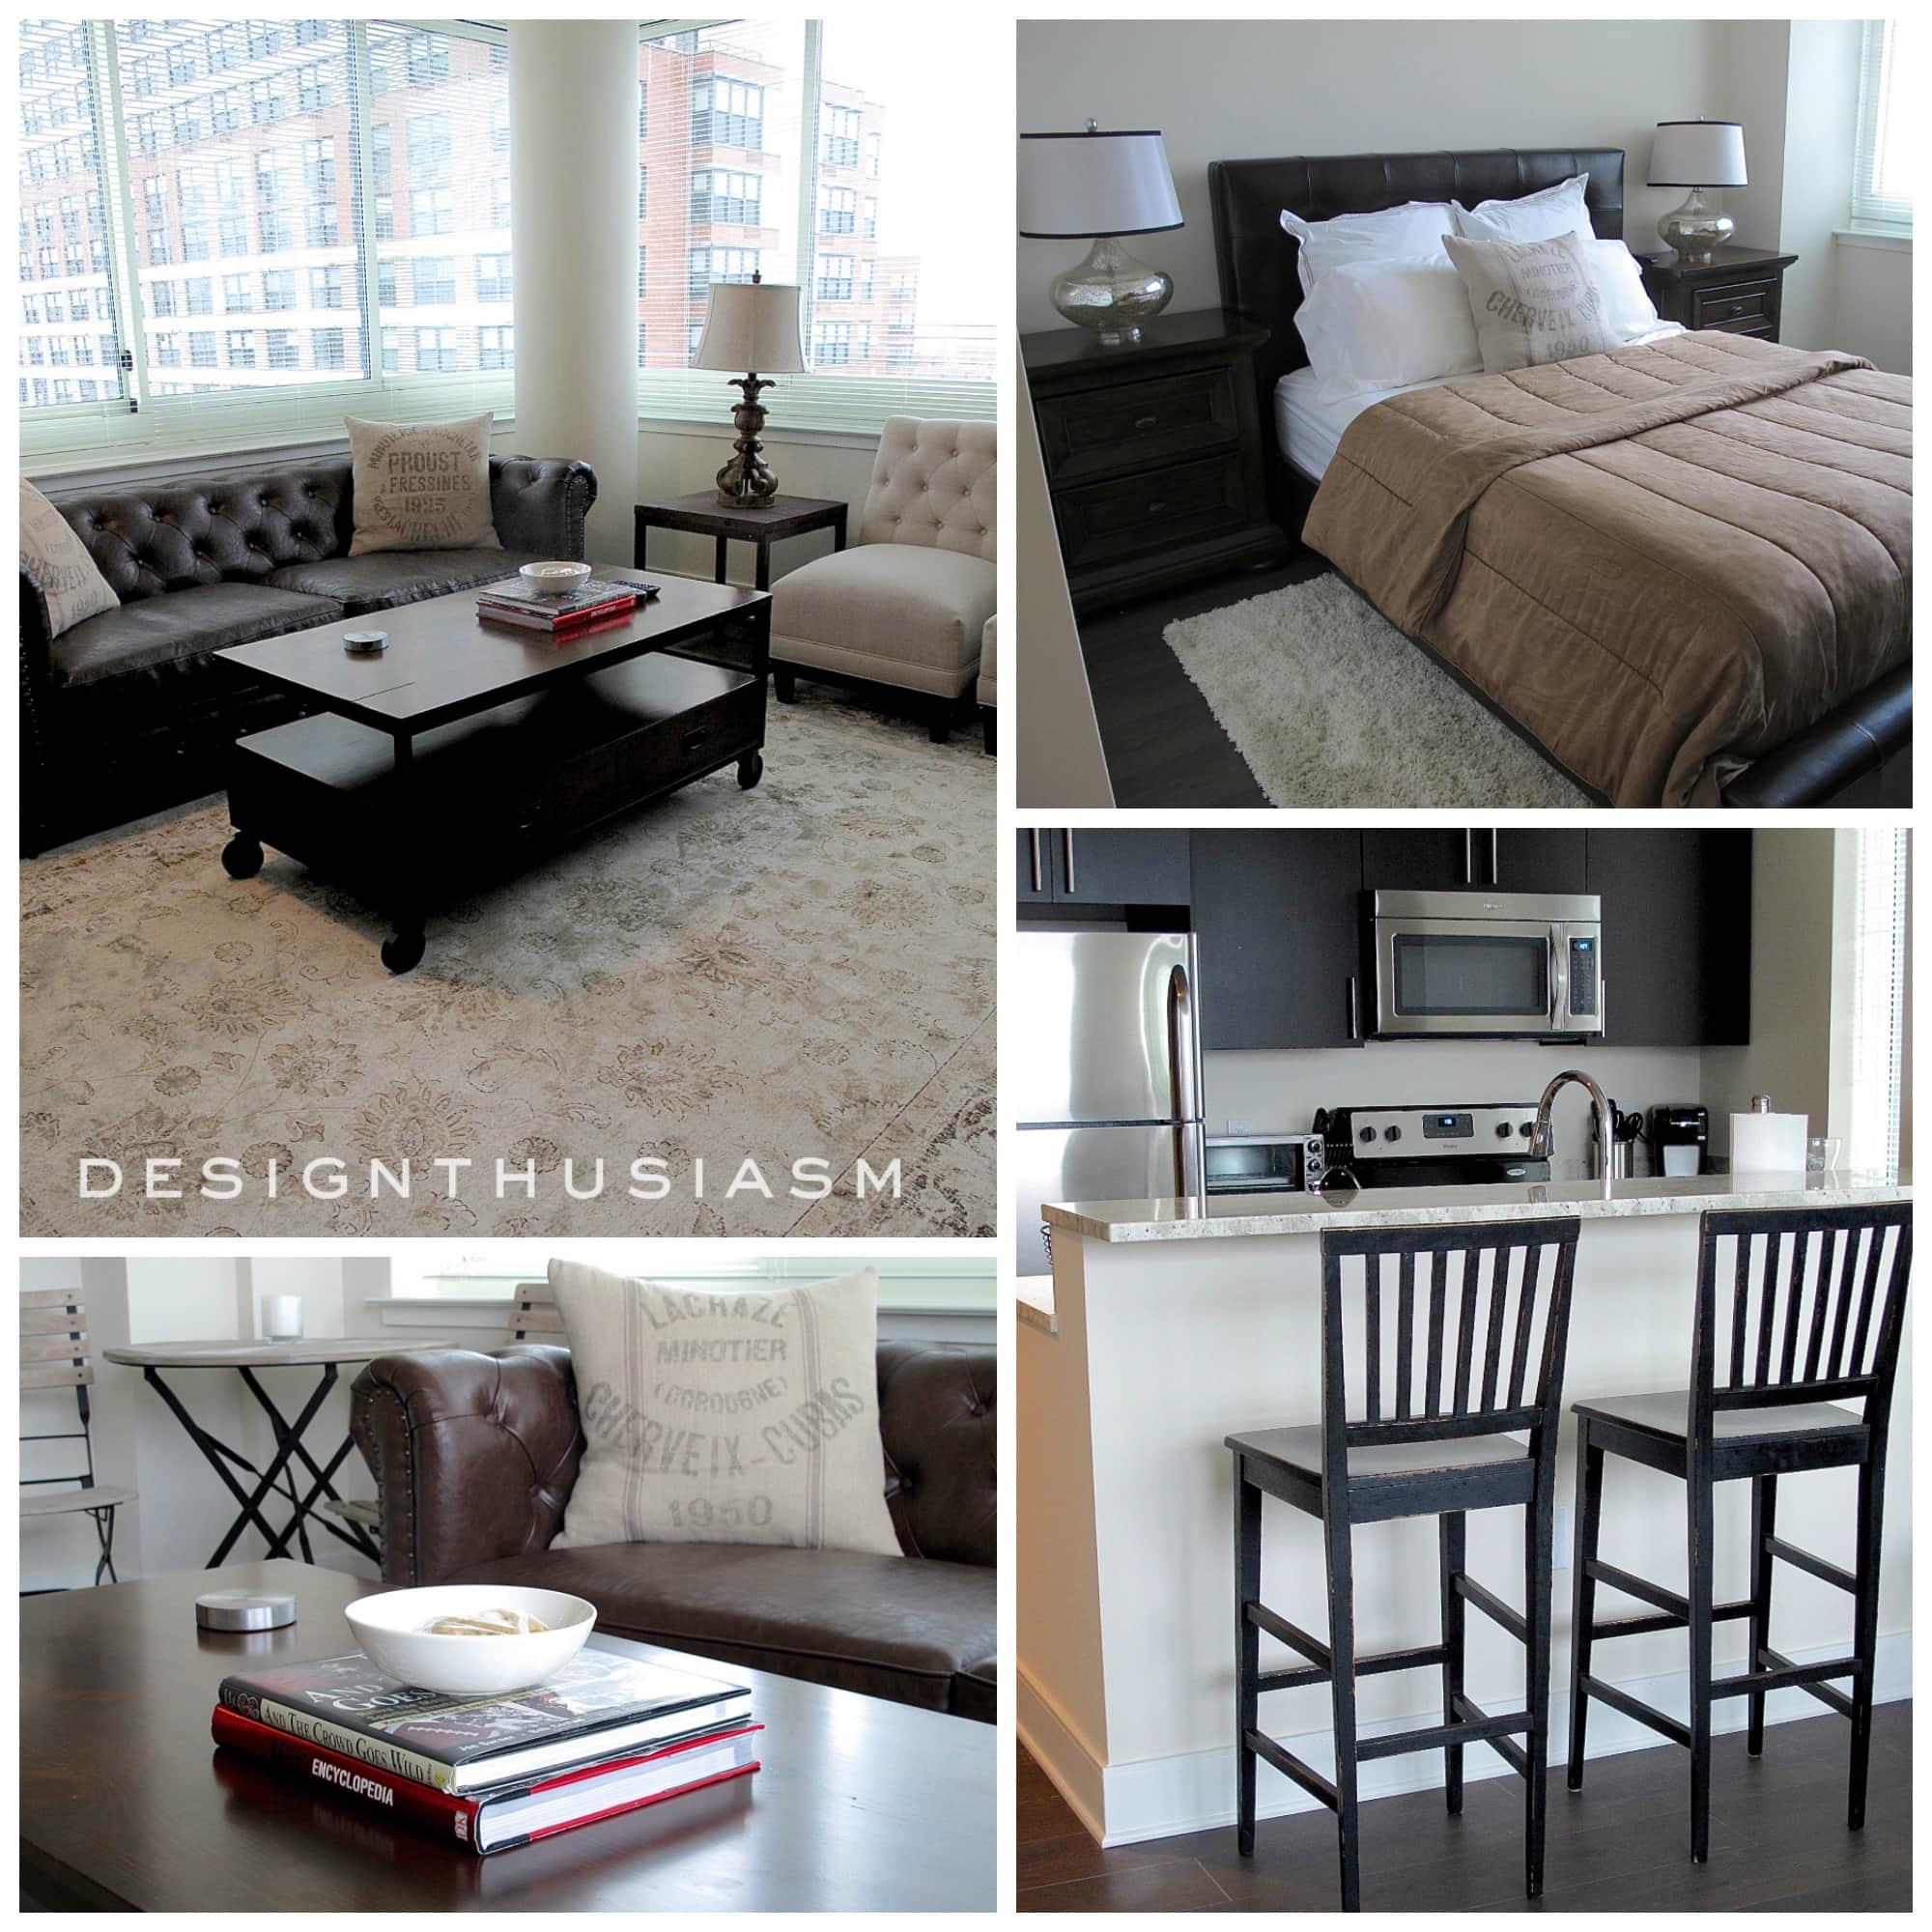 E-Design | Young Man's Apartment | Designthusiasm.com